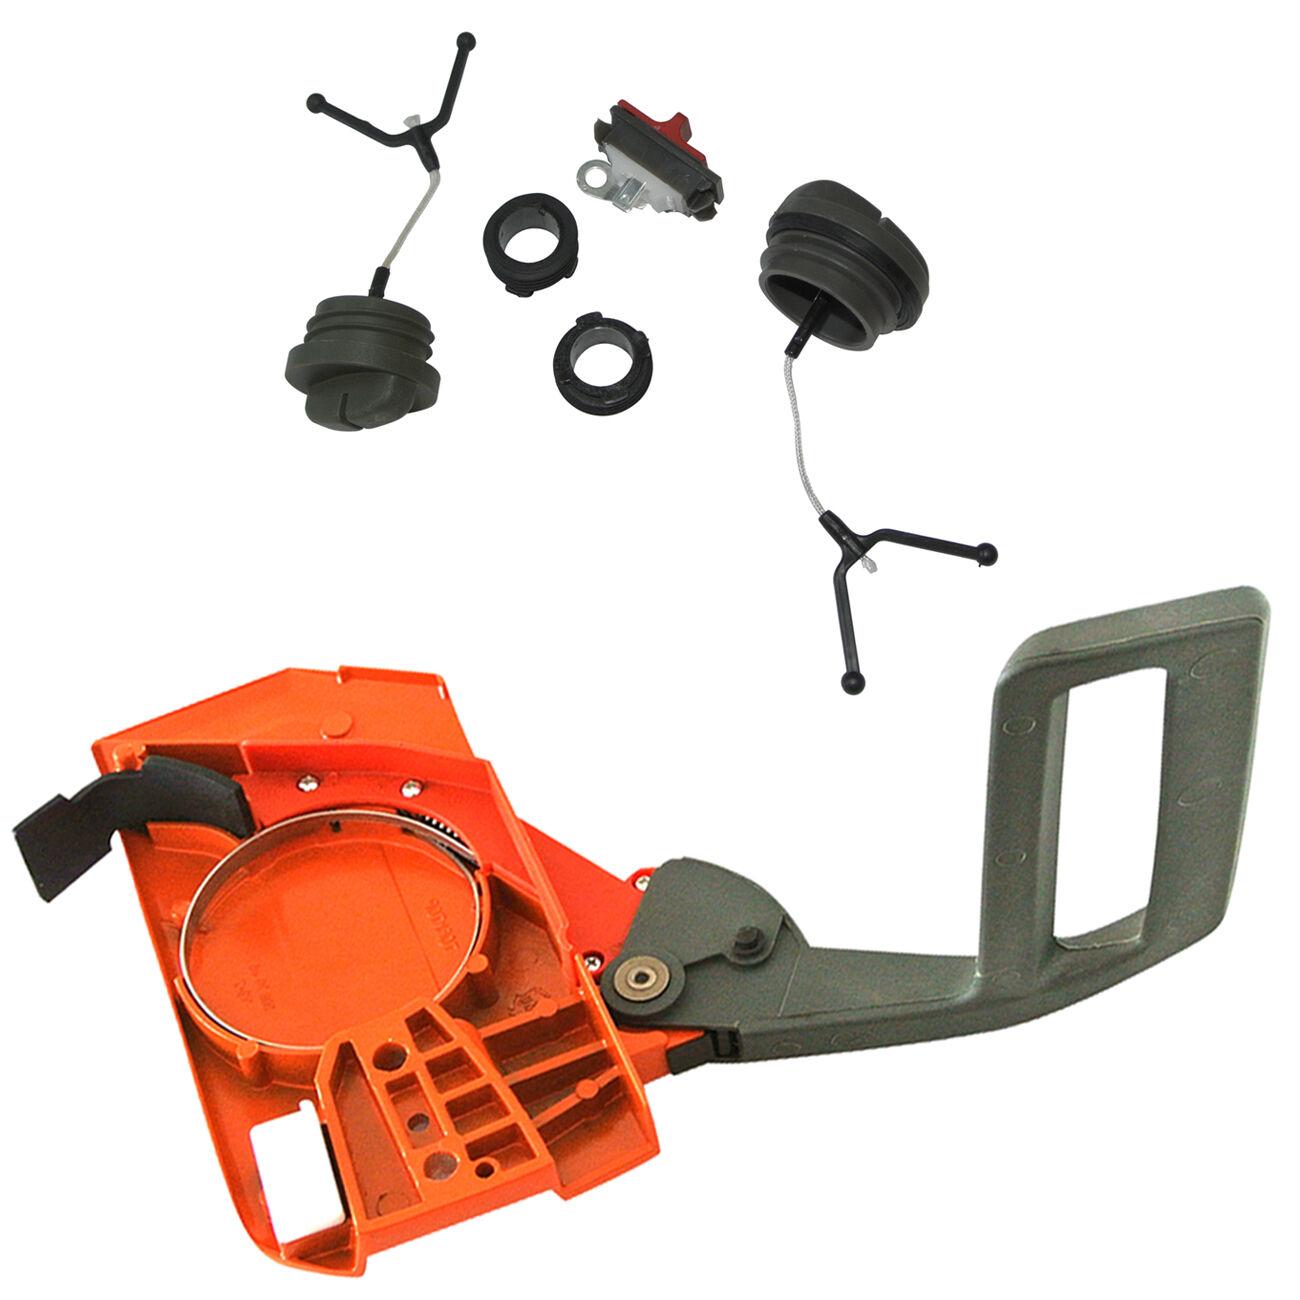 JRL Starter Cover Fits Husqvarna 136 137 141 142 Chainsaw Parts Orange